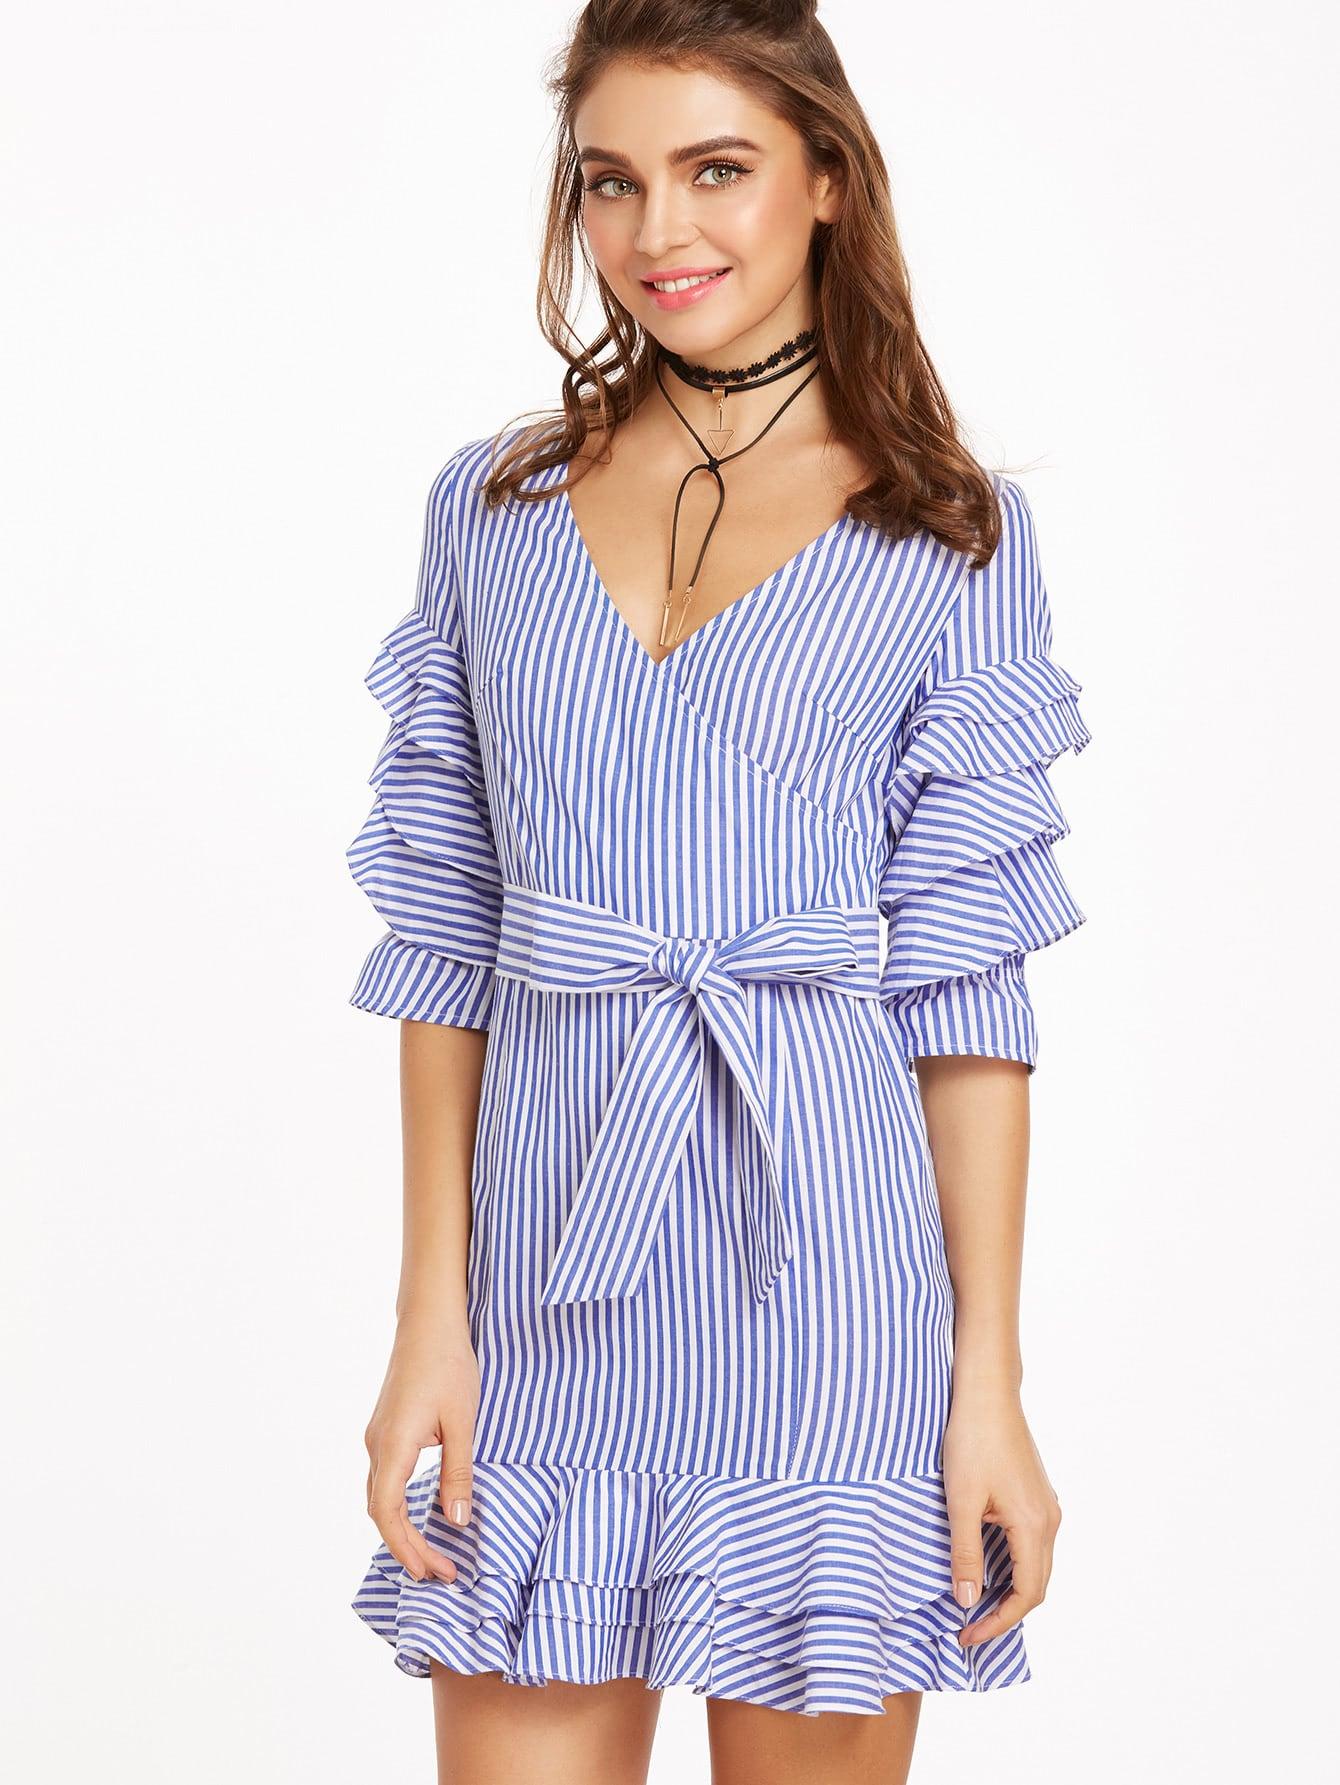 dress161118702_2